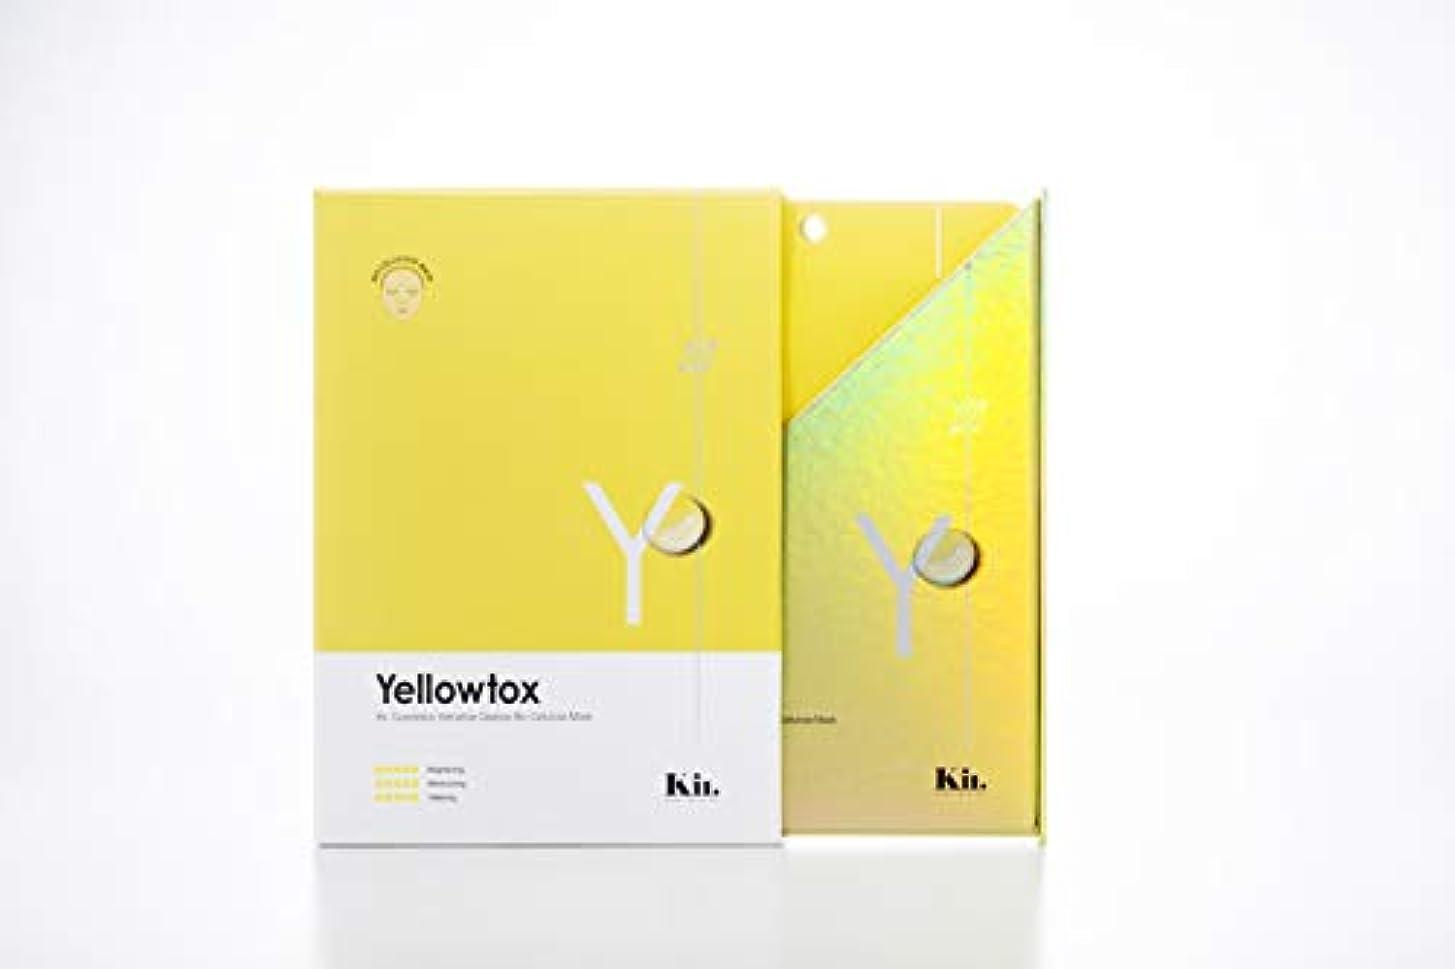 破壊的置くためにパック自分を引き上げる[KiI キー]クレンズトックスマスクパック10枚入り (YellowTox)